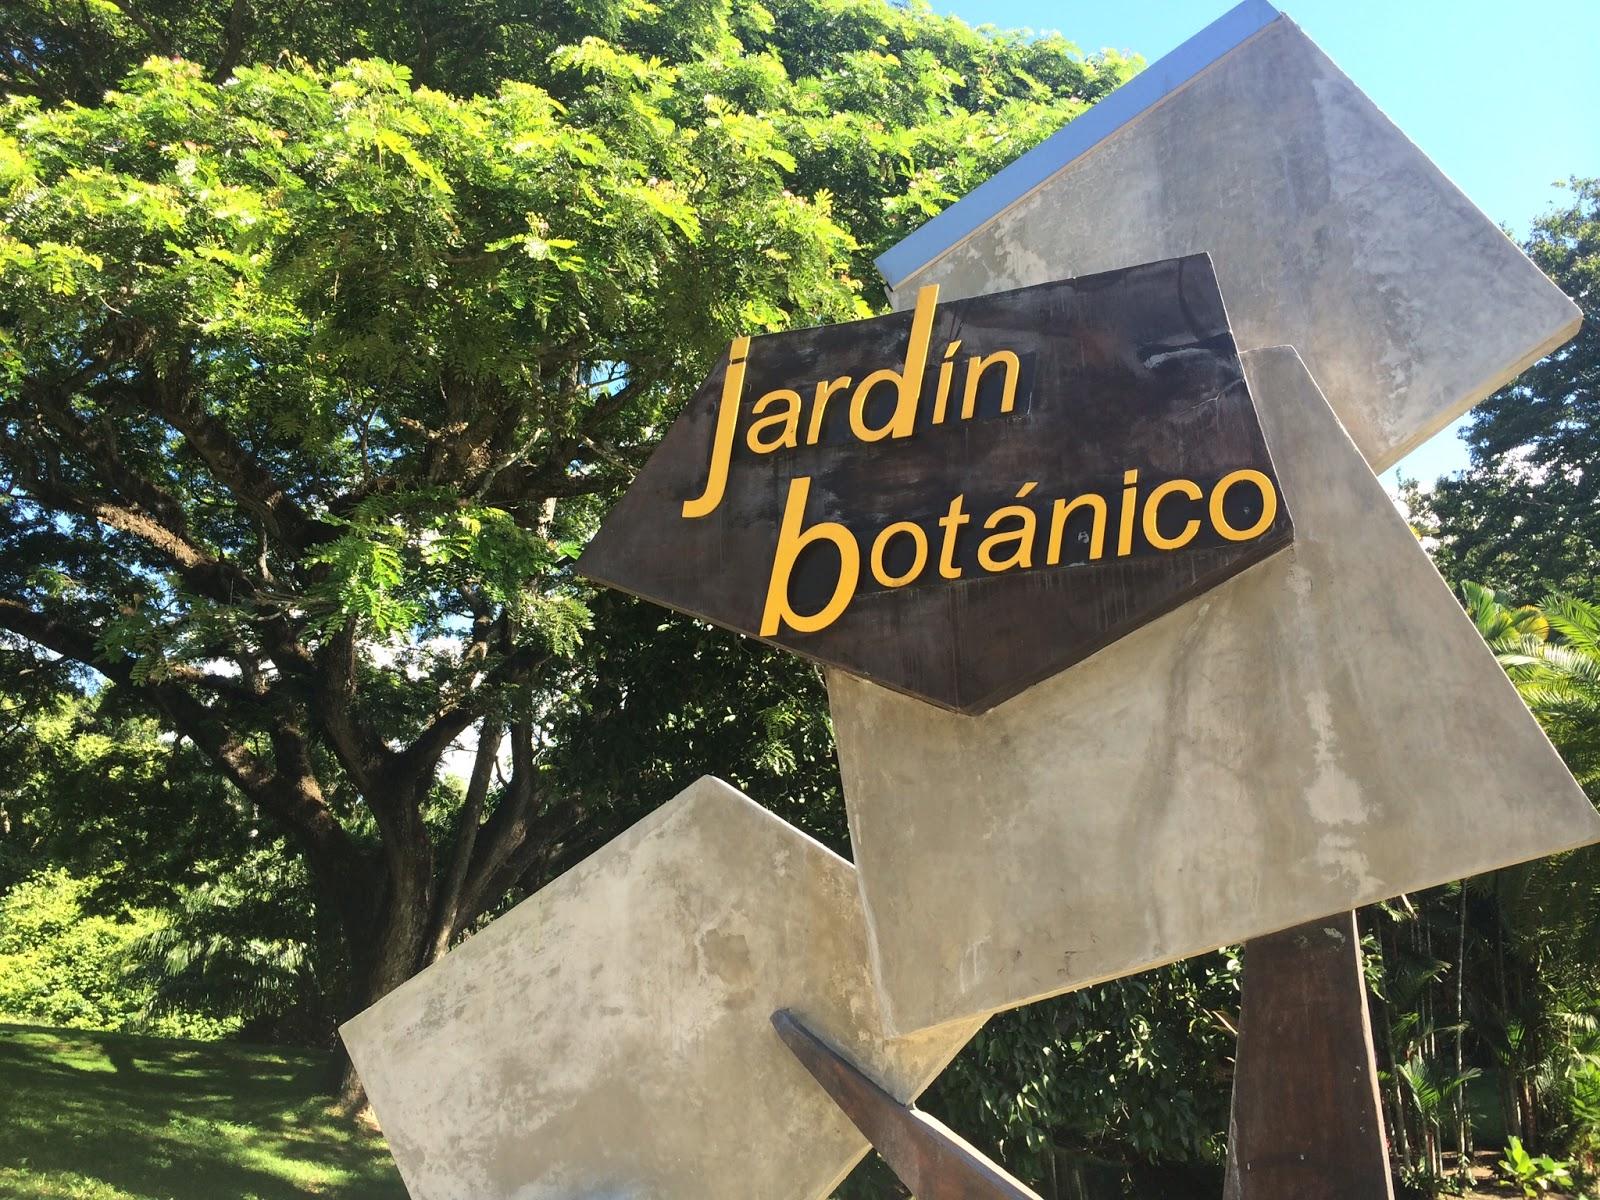 Jardines bot nicos for Actividades en el jardin botanico de caguas